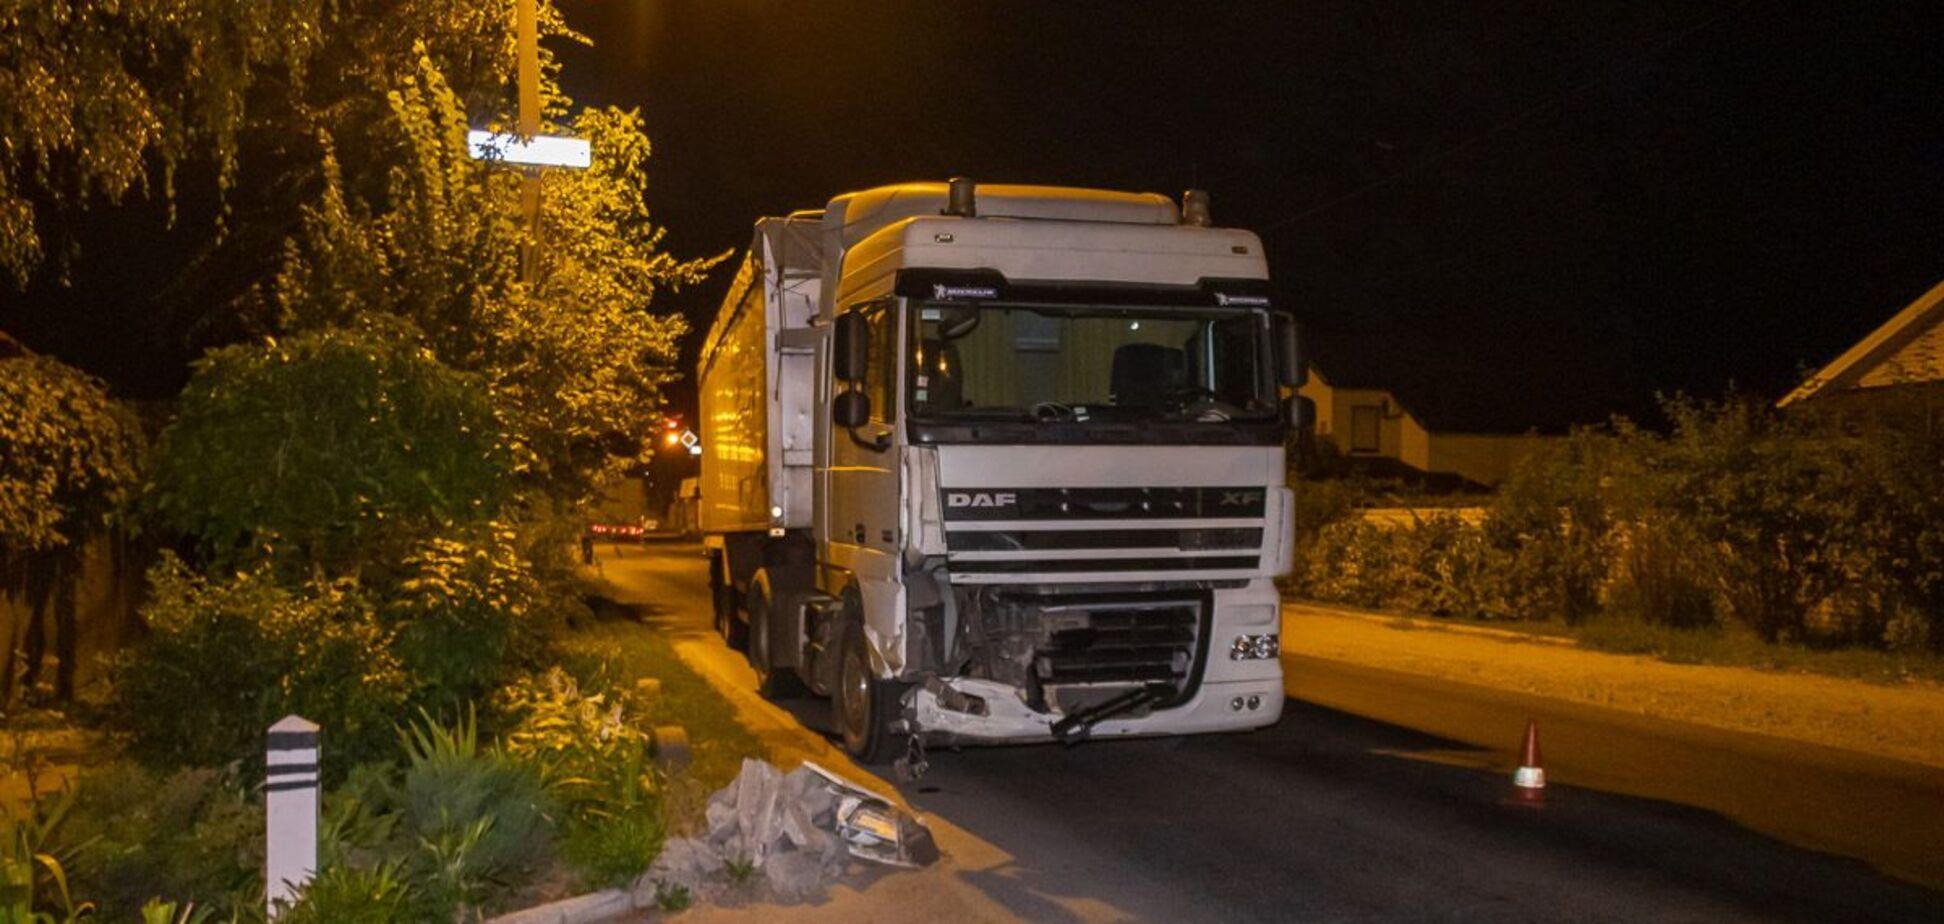 У Дніпрі в результаті ДТП з вантажівкою постраждав чоловік. Фото